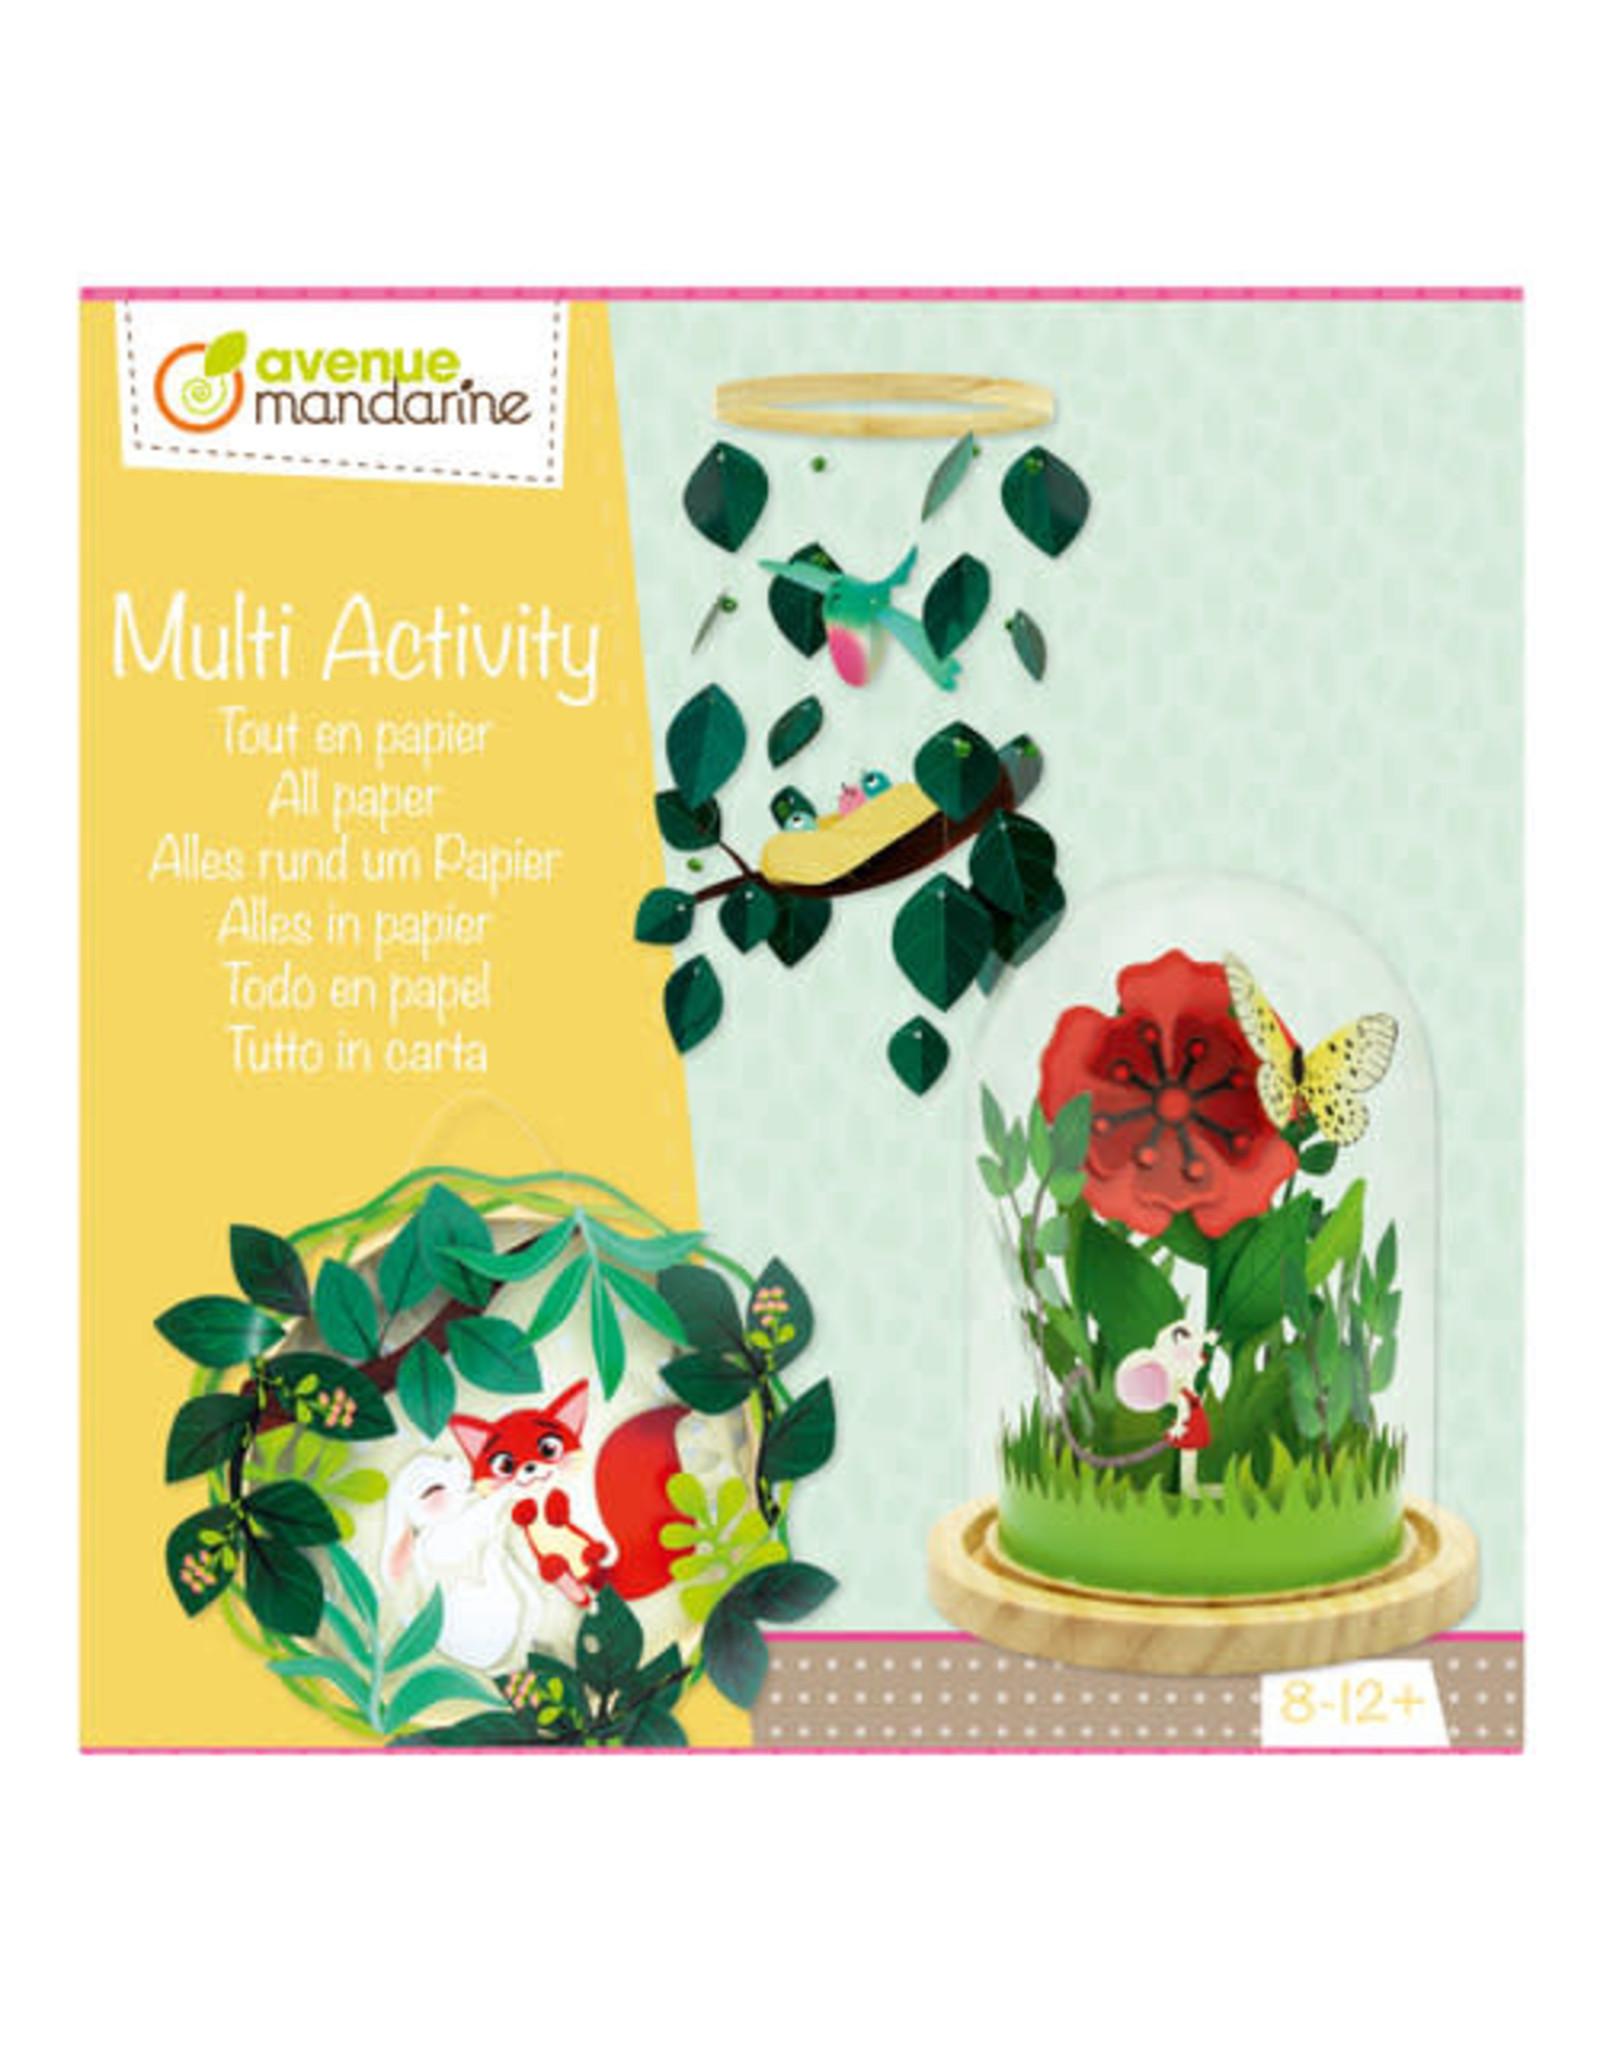 Avenue Mandarine Multi Activity Alles in papier